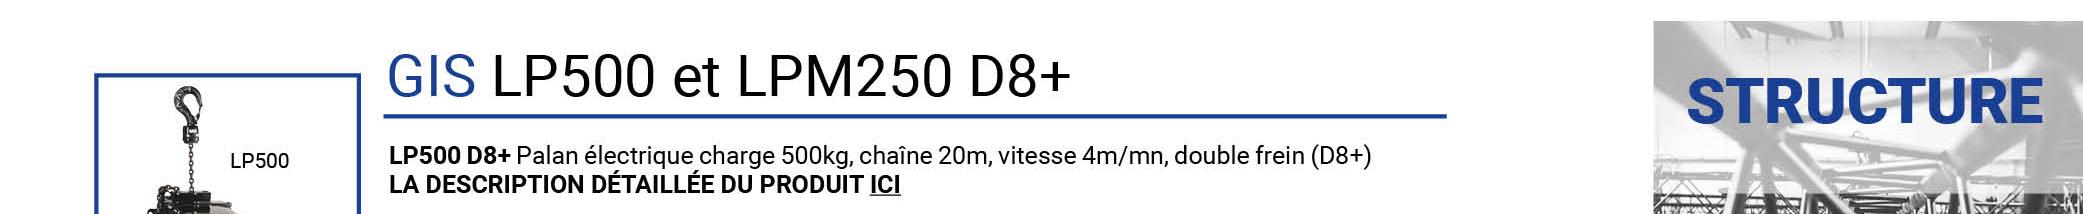 GIS LP500